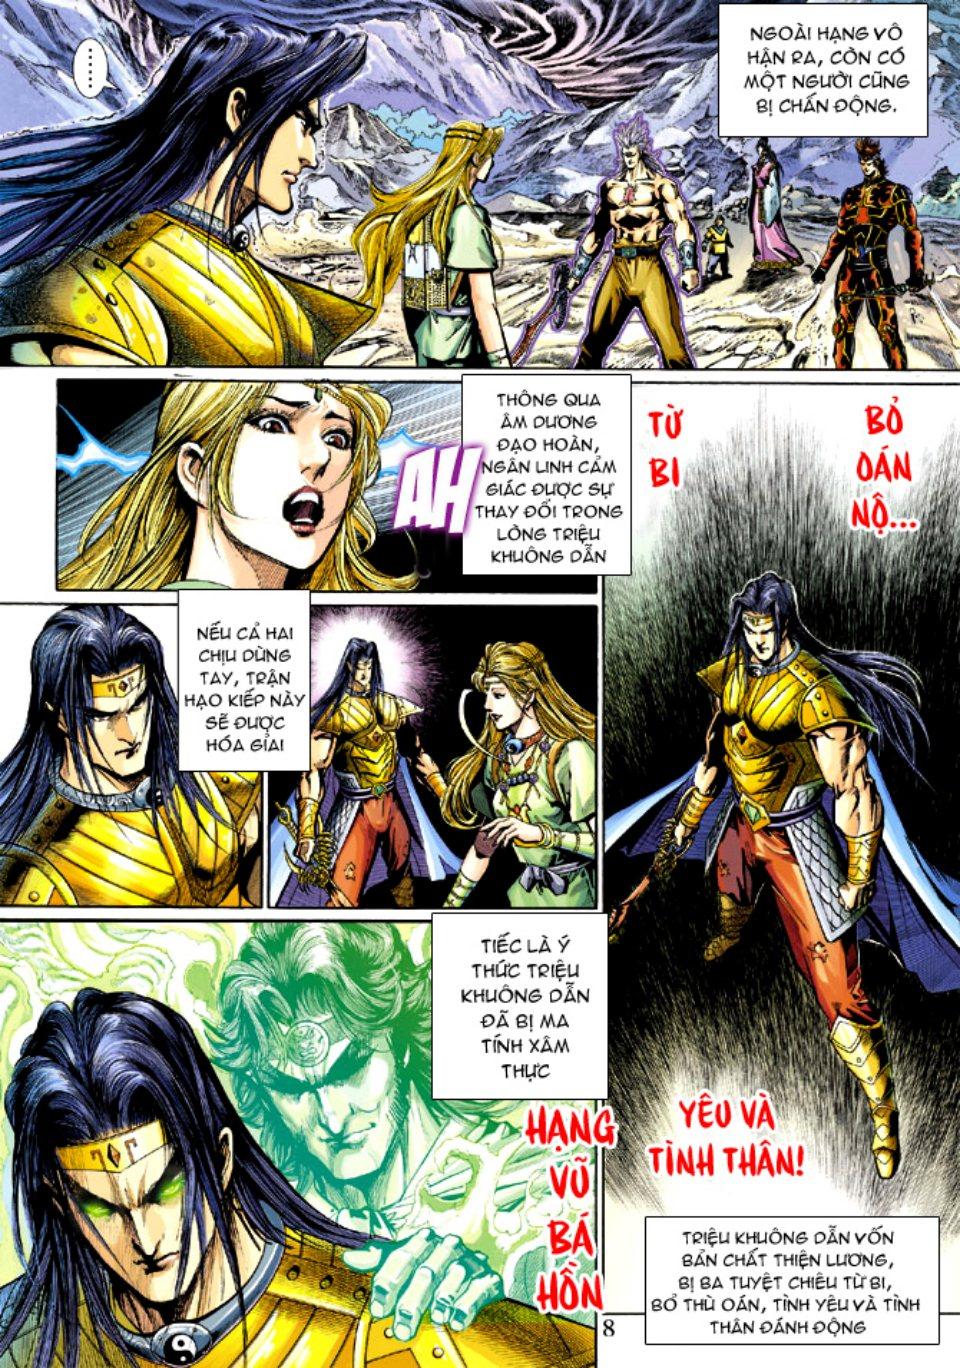 Thiên Tử Truyền Kỳ 5 - Như Lai Thần Chưởng chap 212 - Trang 8